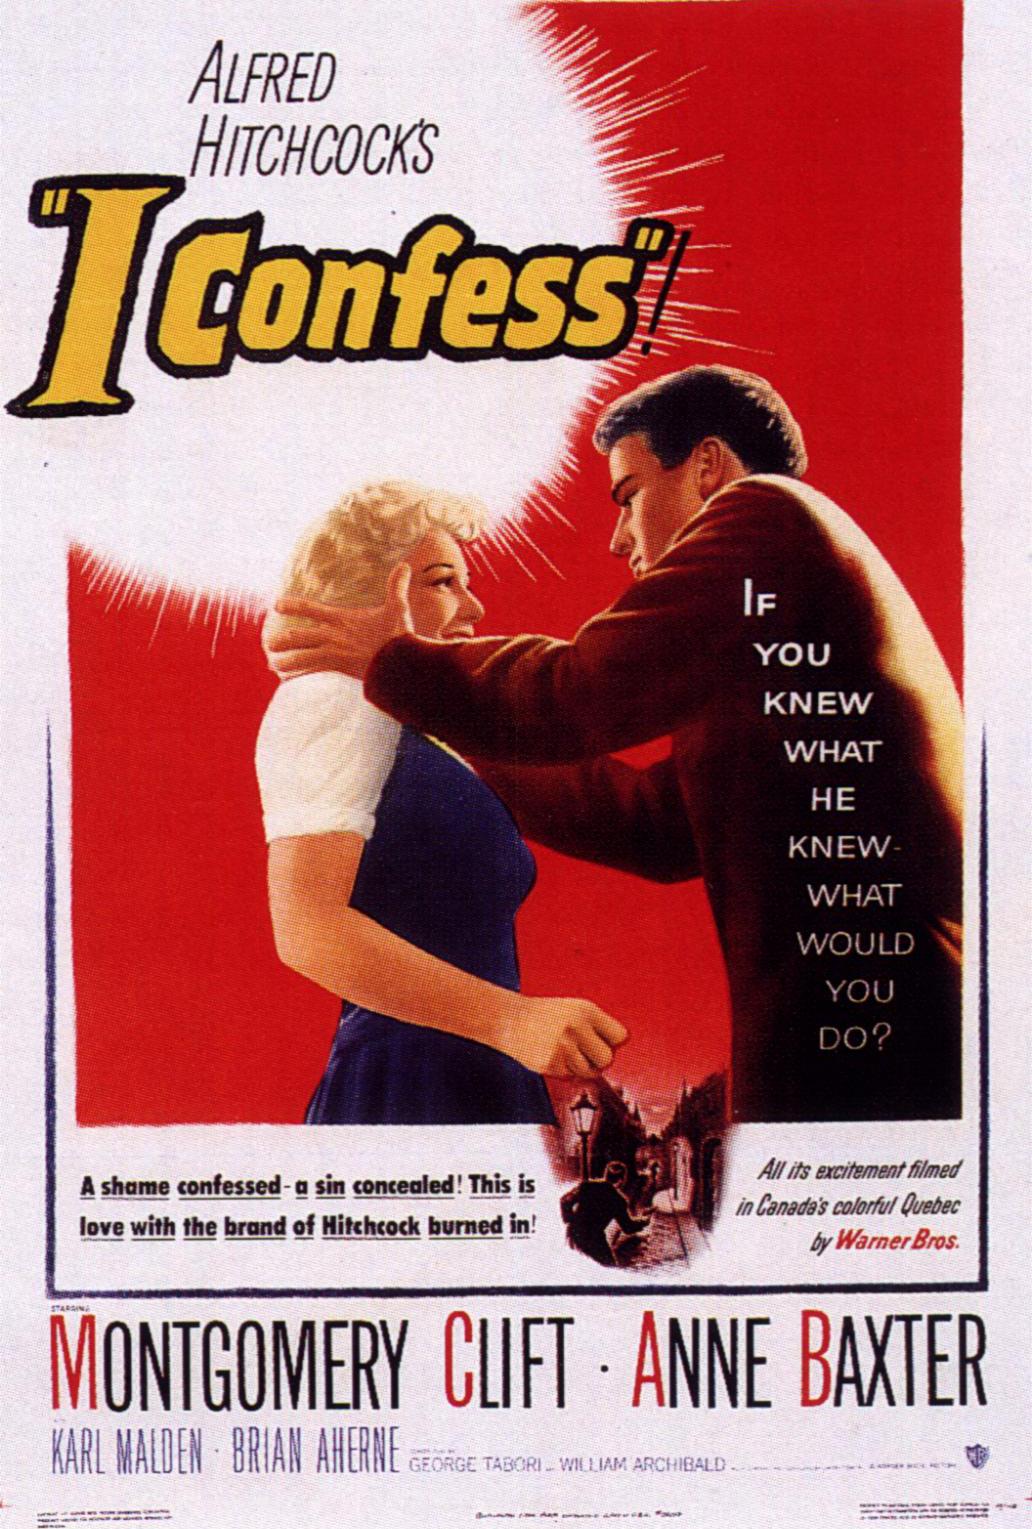 """Hitchcock Conversations: """"I Confess"""" (1953)"""